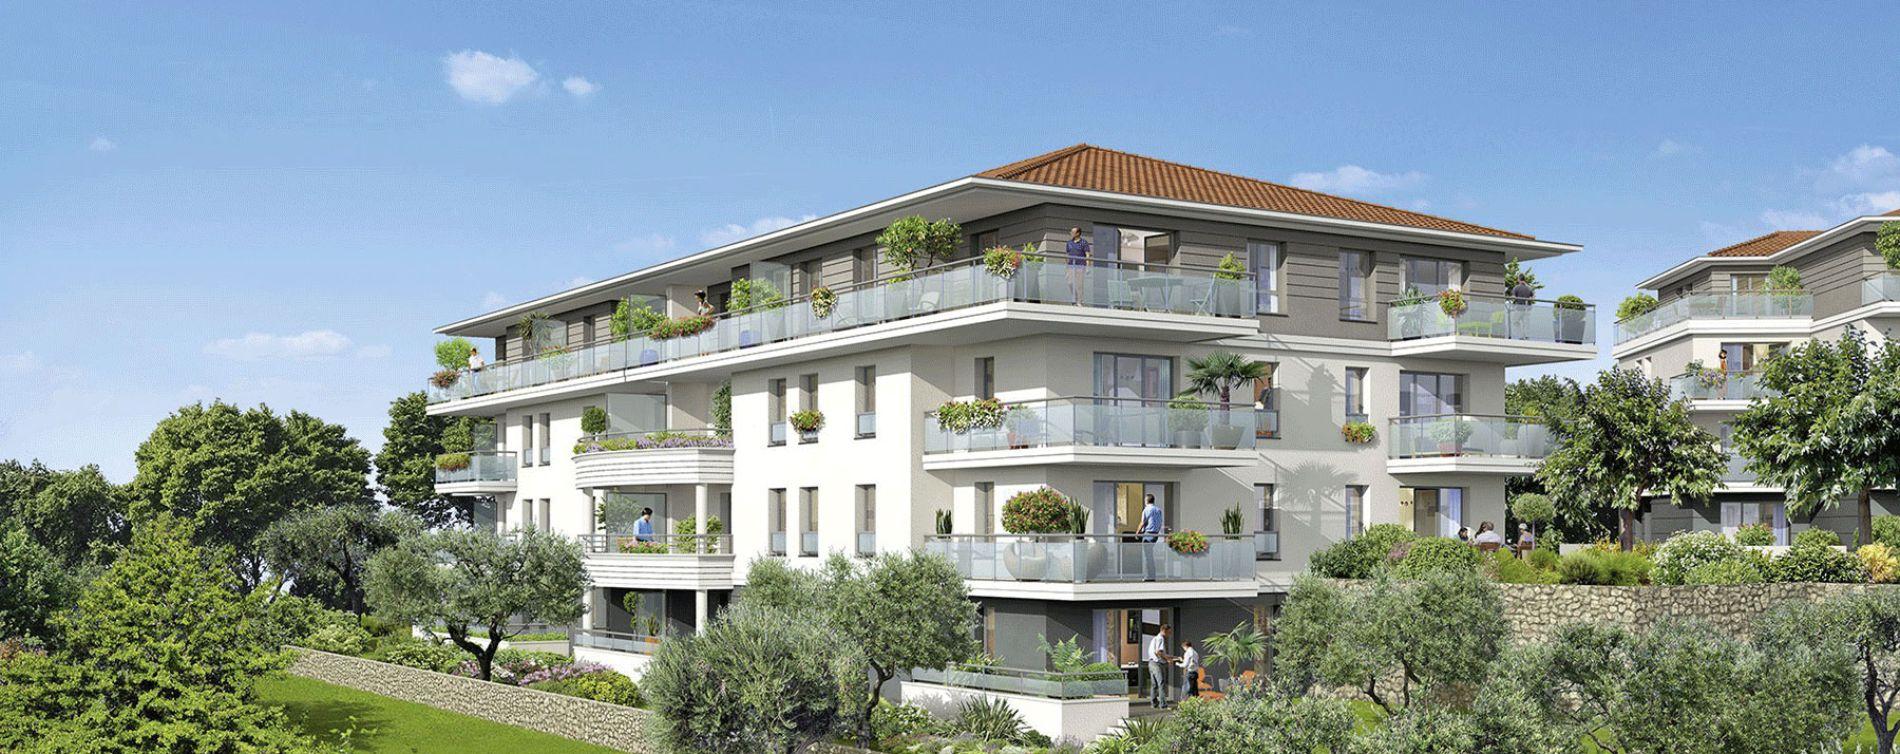 Grasse : programme immobilier neuve « Le Parc » en Loi Pinel